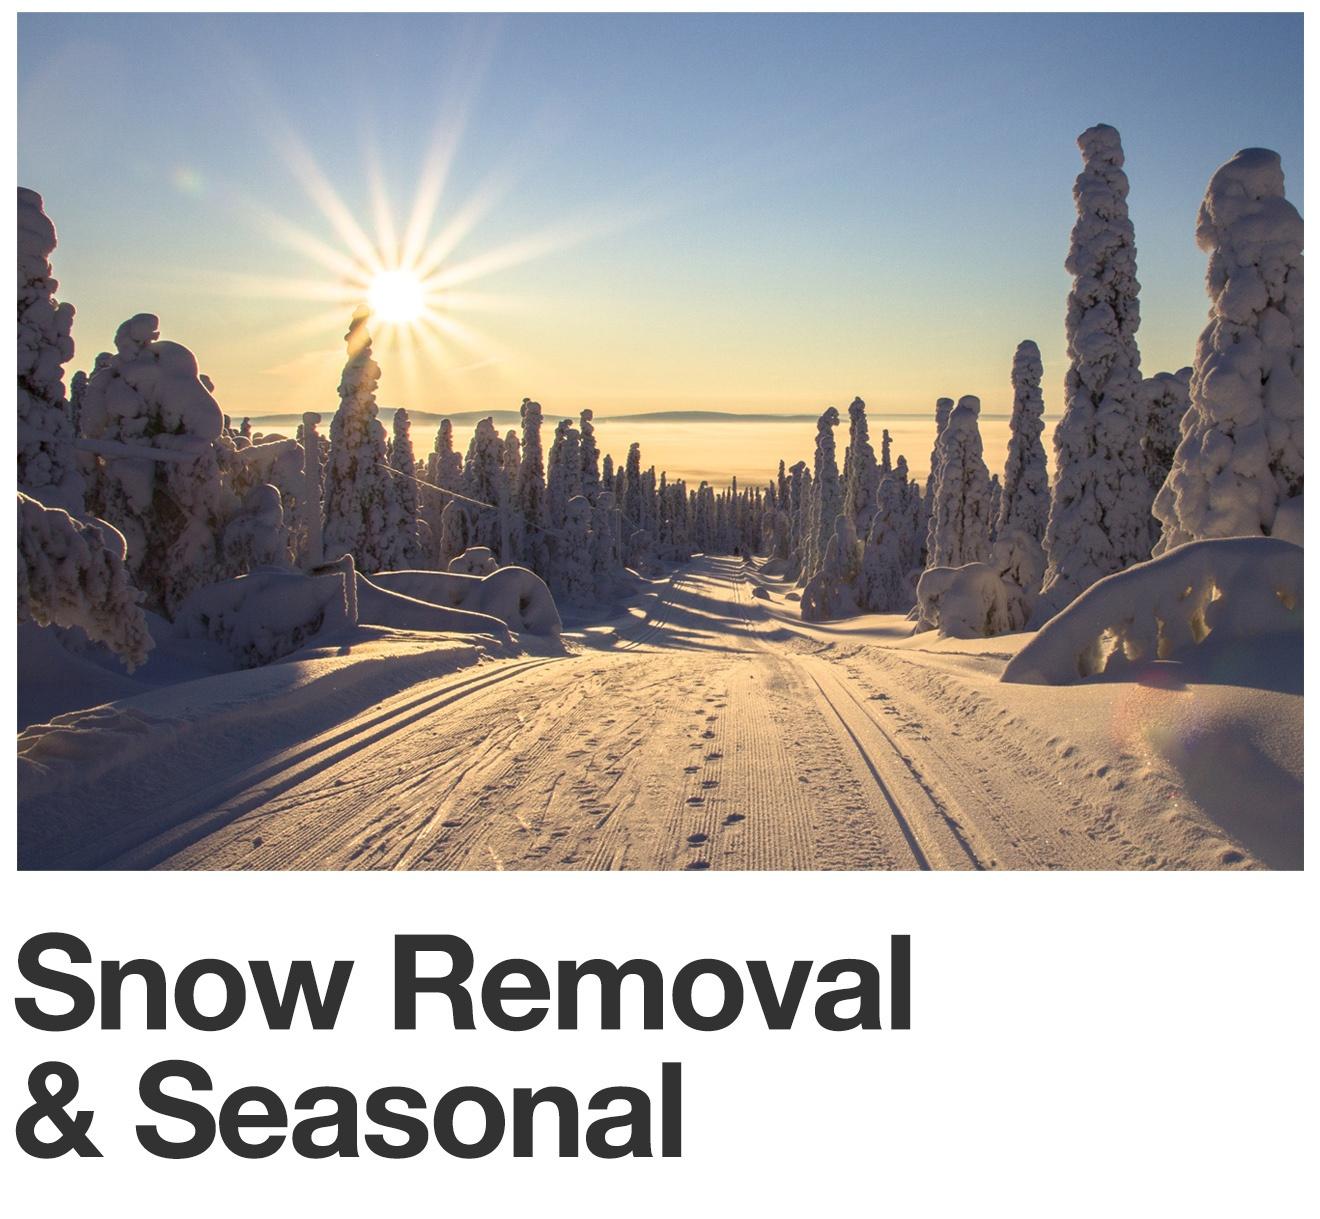 Snow Removal & Seasonal